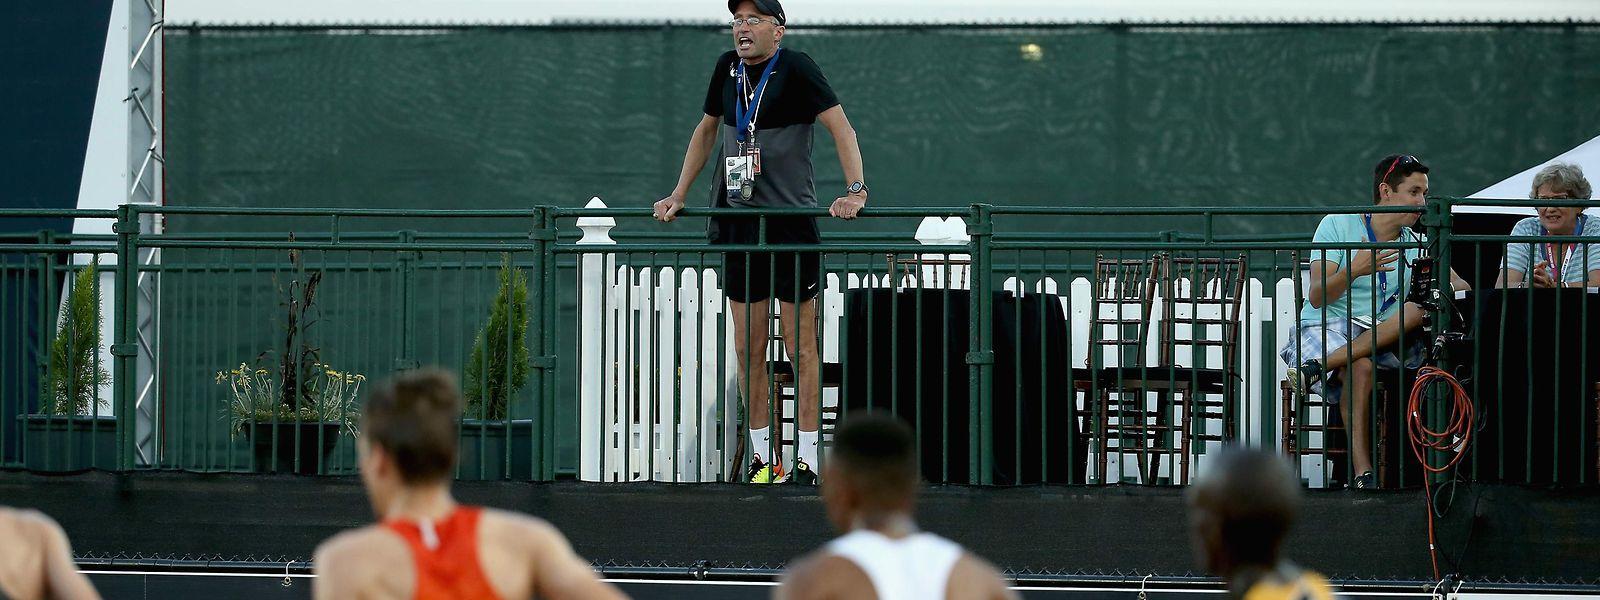 Alberto Salazar, Chef des Projekts, wurde wegen Verstößen gegen die Anti-Doping-Regeln für vier Jahre gesperrt.